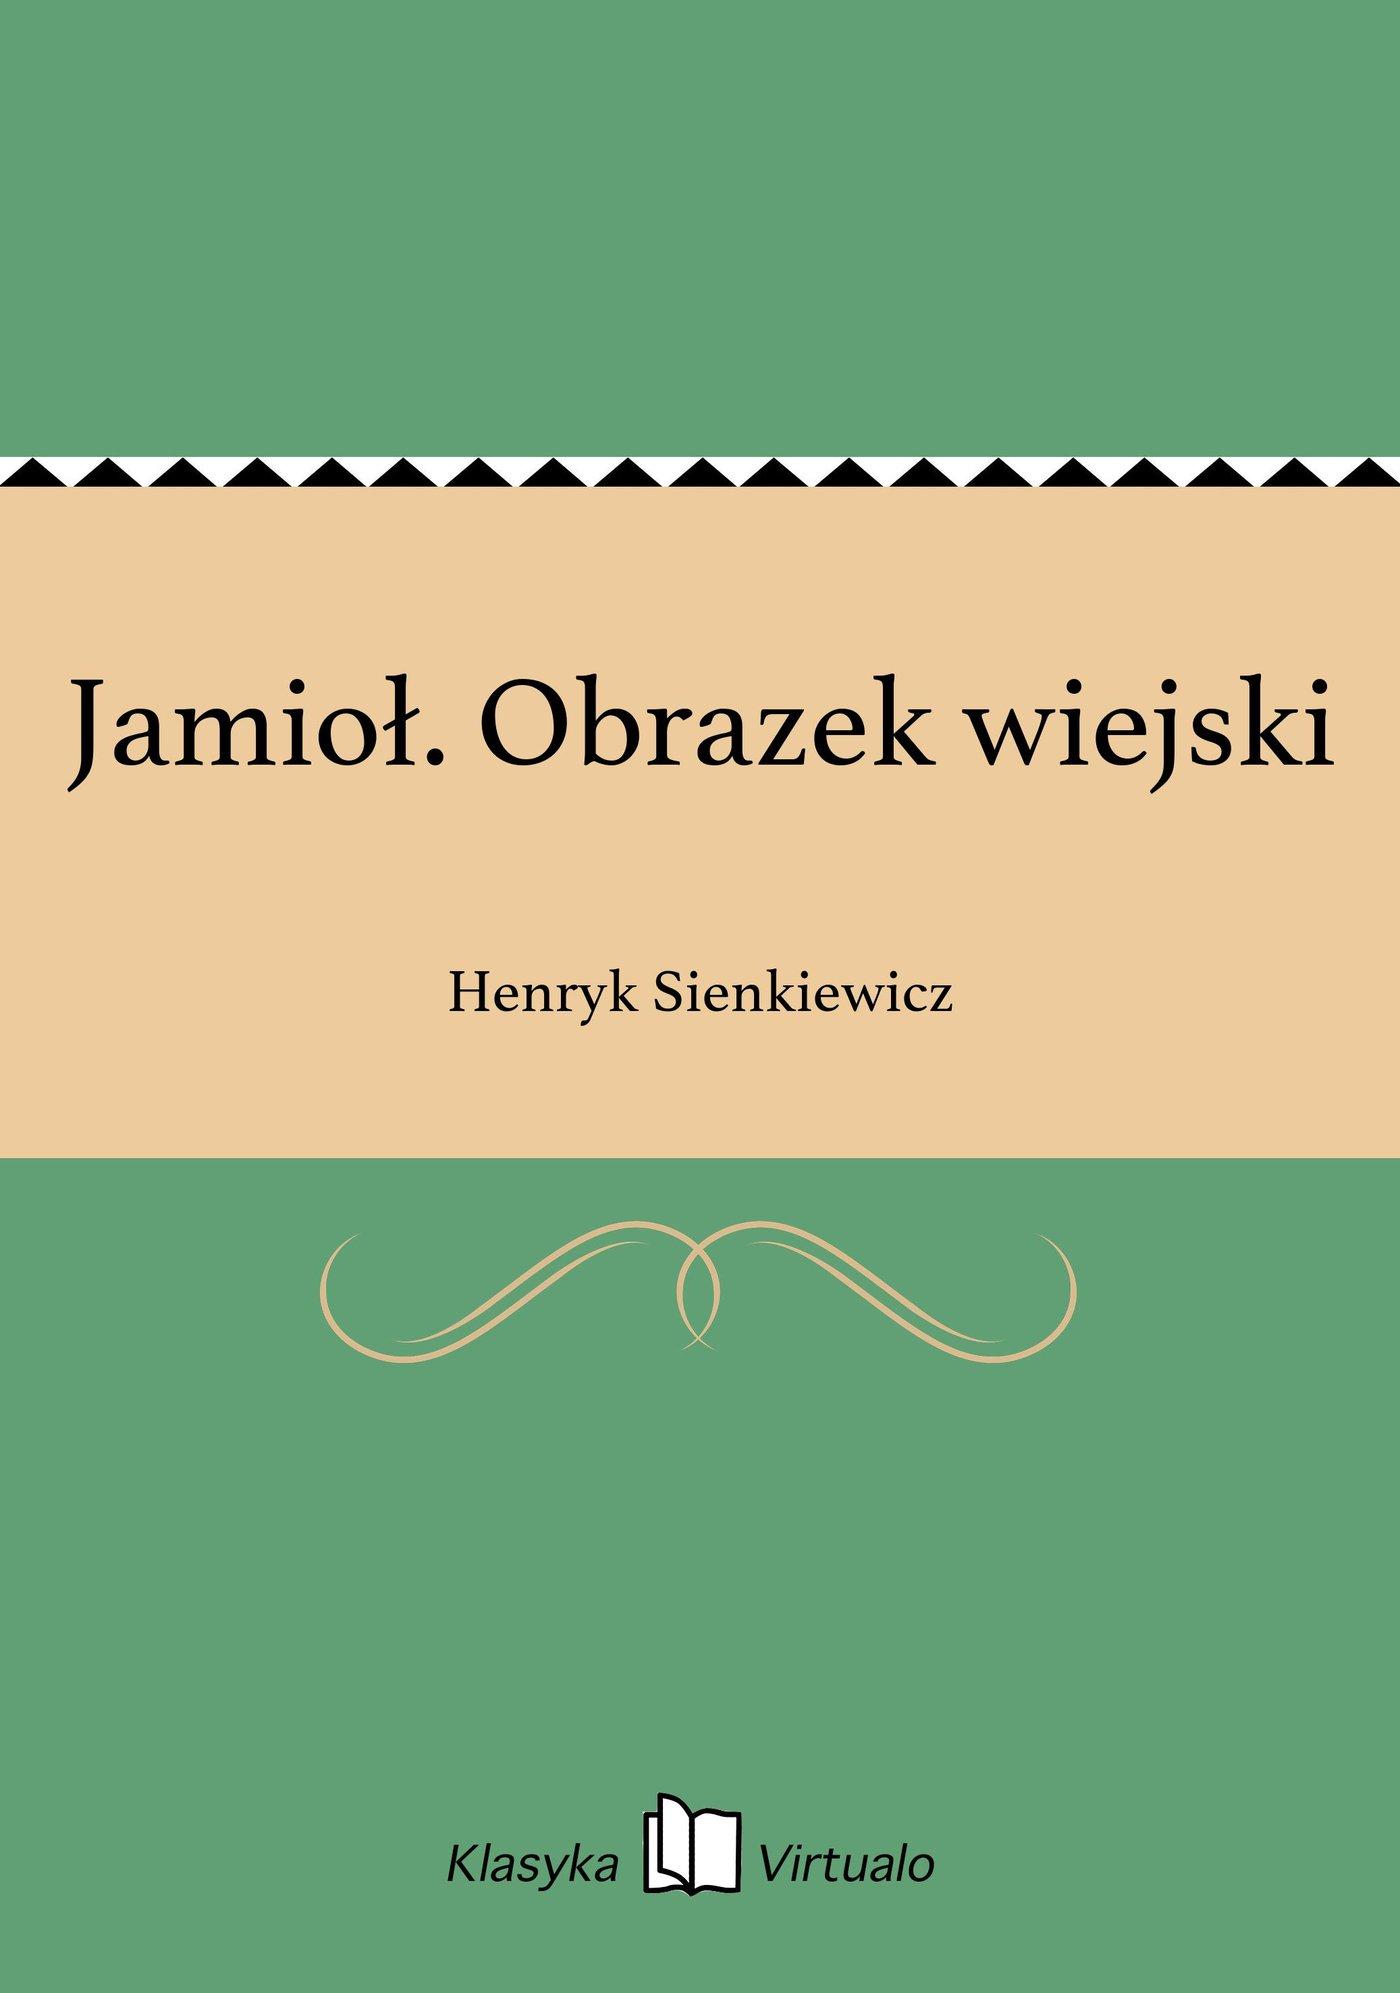 Jamioł. Obrazek wiejski - Ebook (Książka EPUB) do pobrania w formacie EPUB